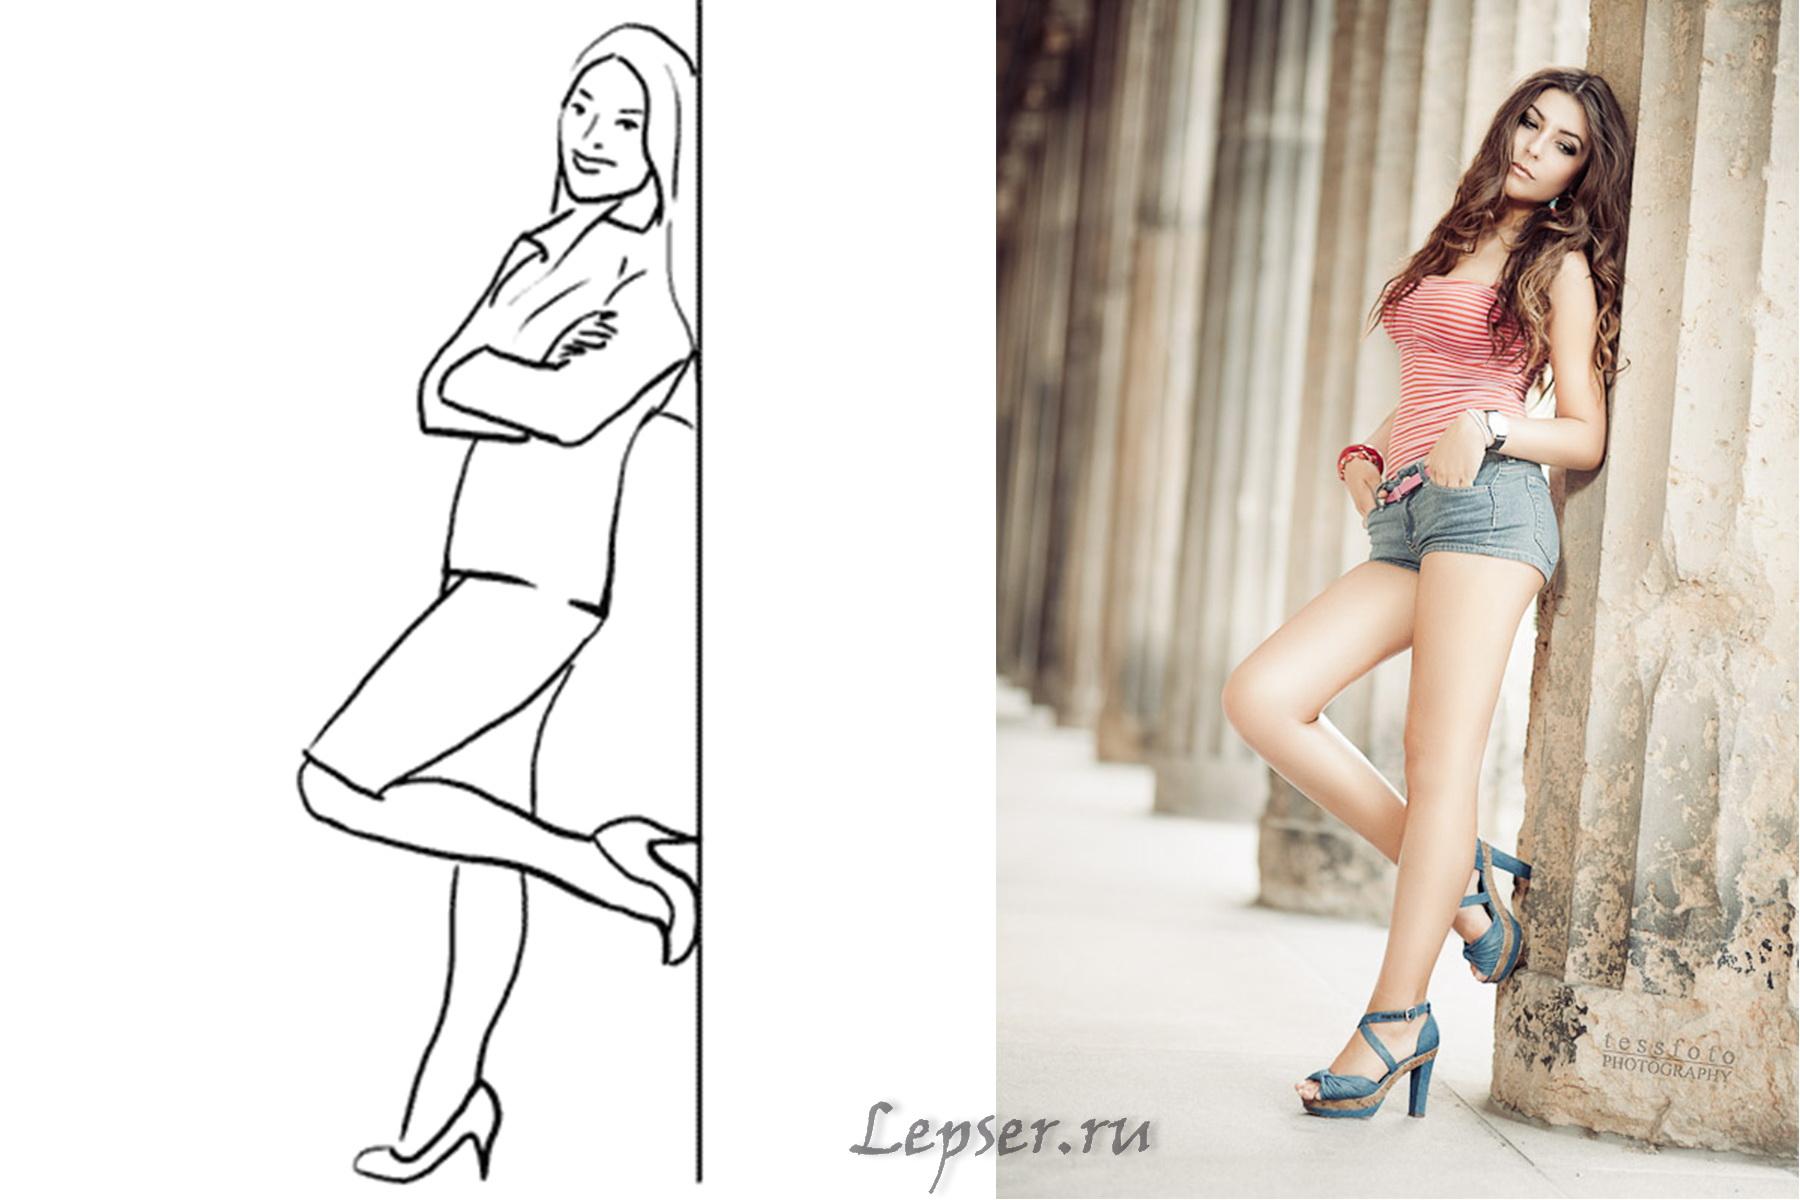 фото девушки у стены с поднятой ногой